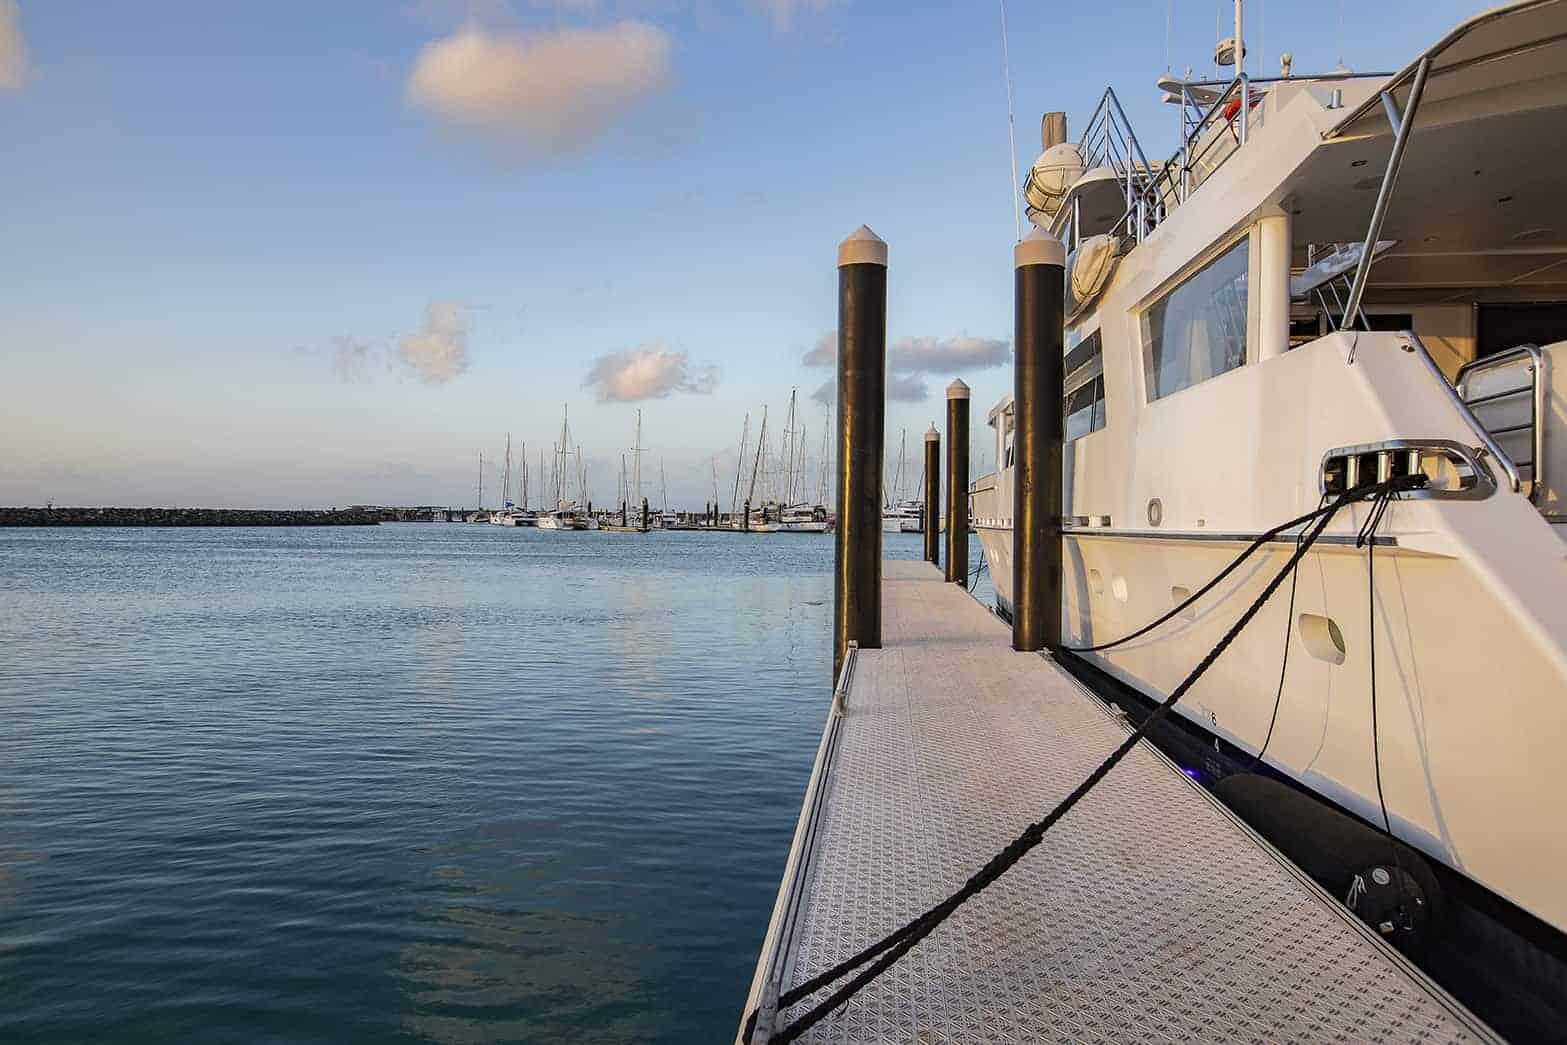 superyacht at sunset at Coral Sea Marina